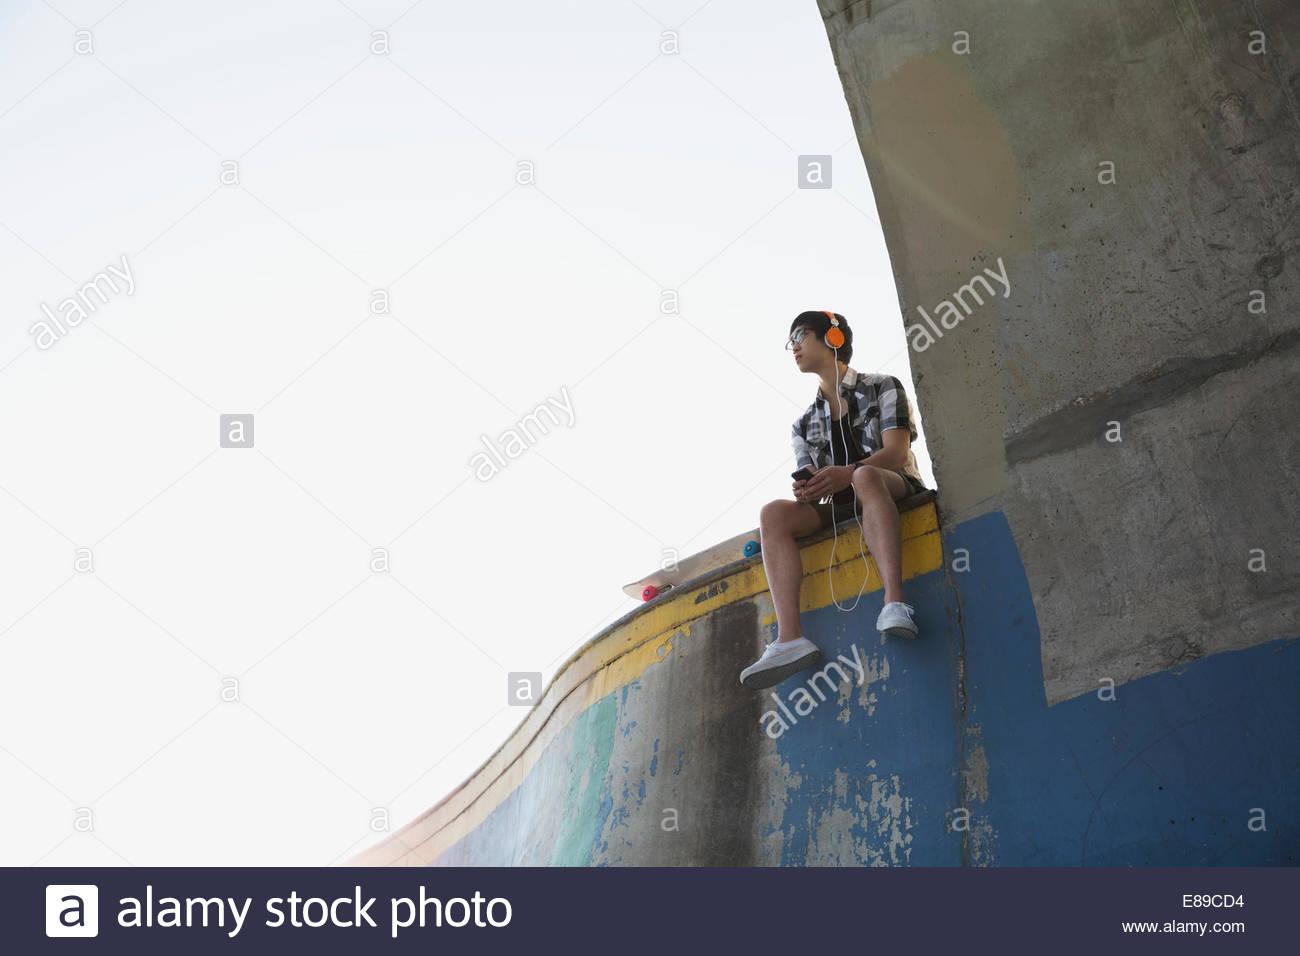 Ragazzo adolescente sulla rampa di skate park Immagini Stock